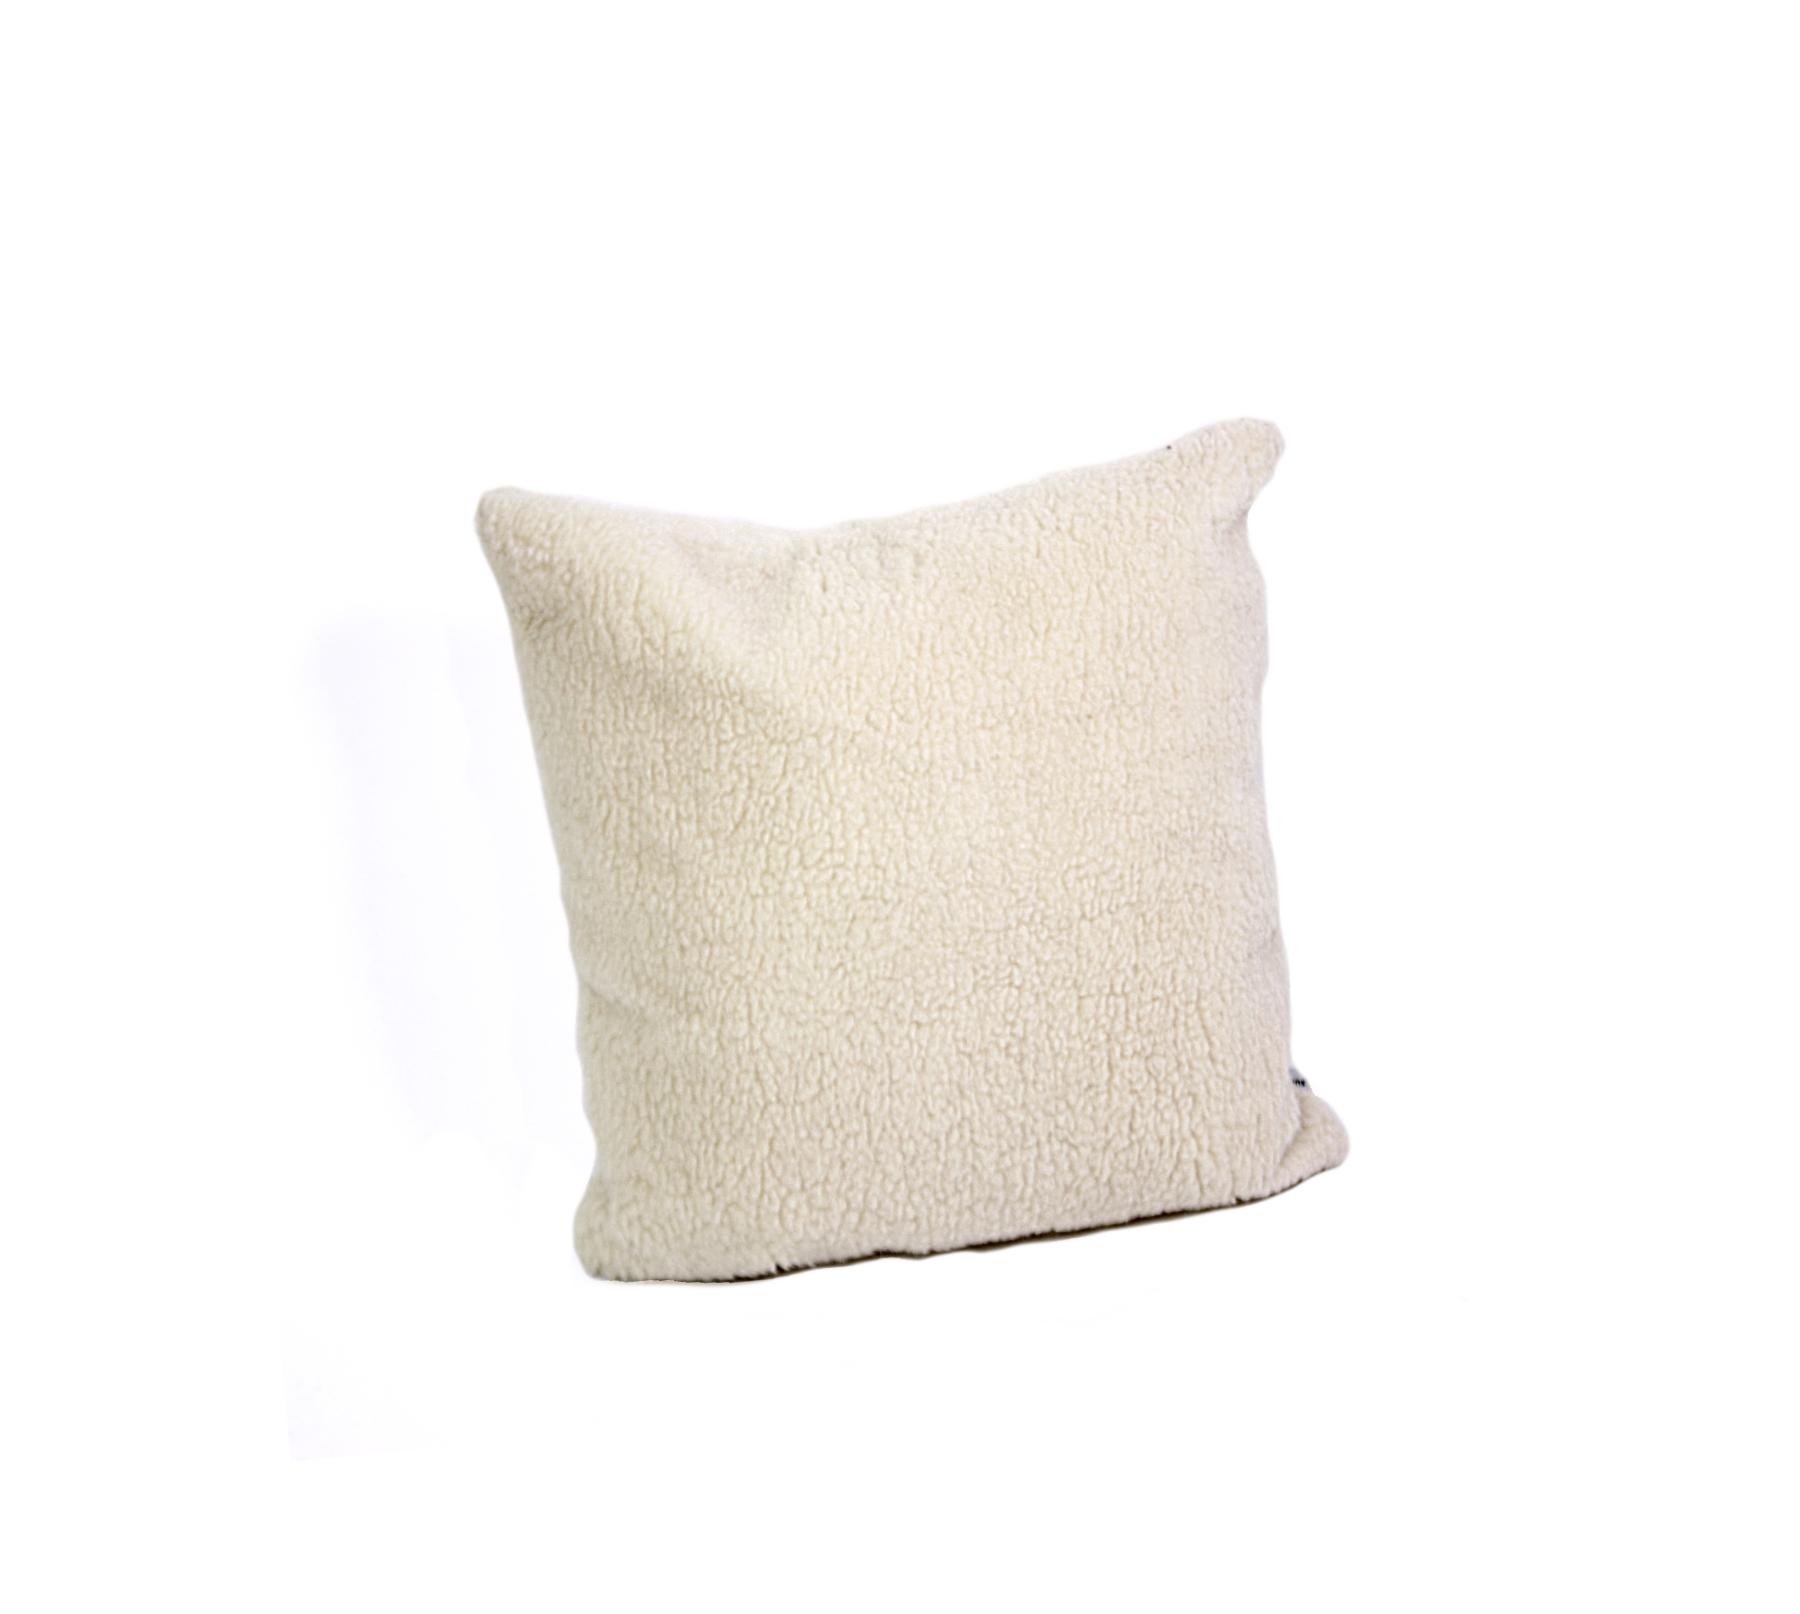 dekokissen wooly 40x40 dekokissen bei supersack. Black Bedroom Furniture Sets. Home Design Ideas